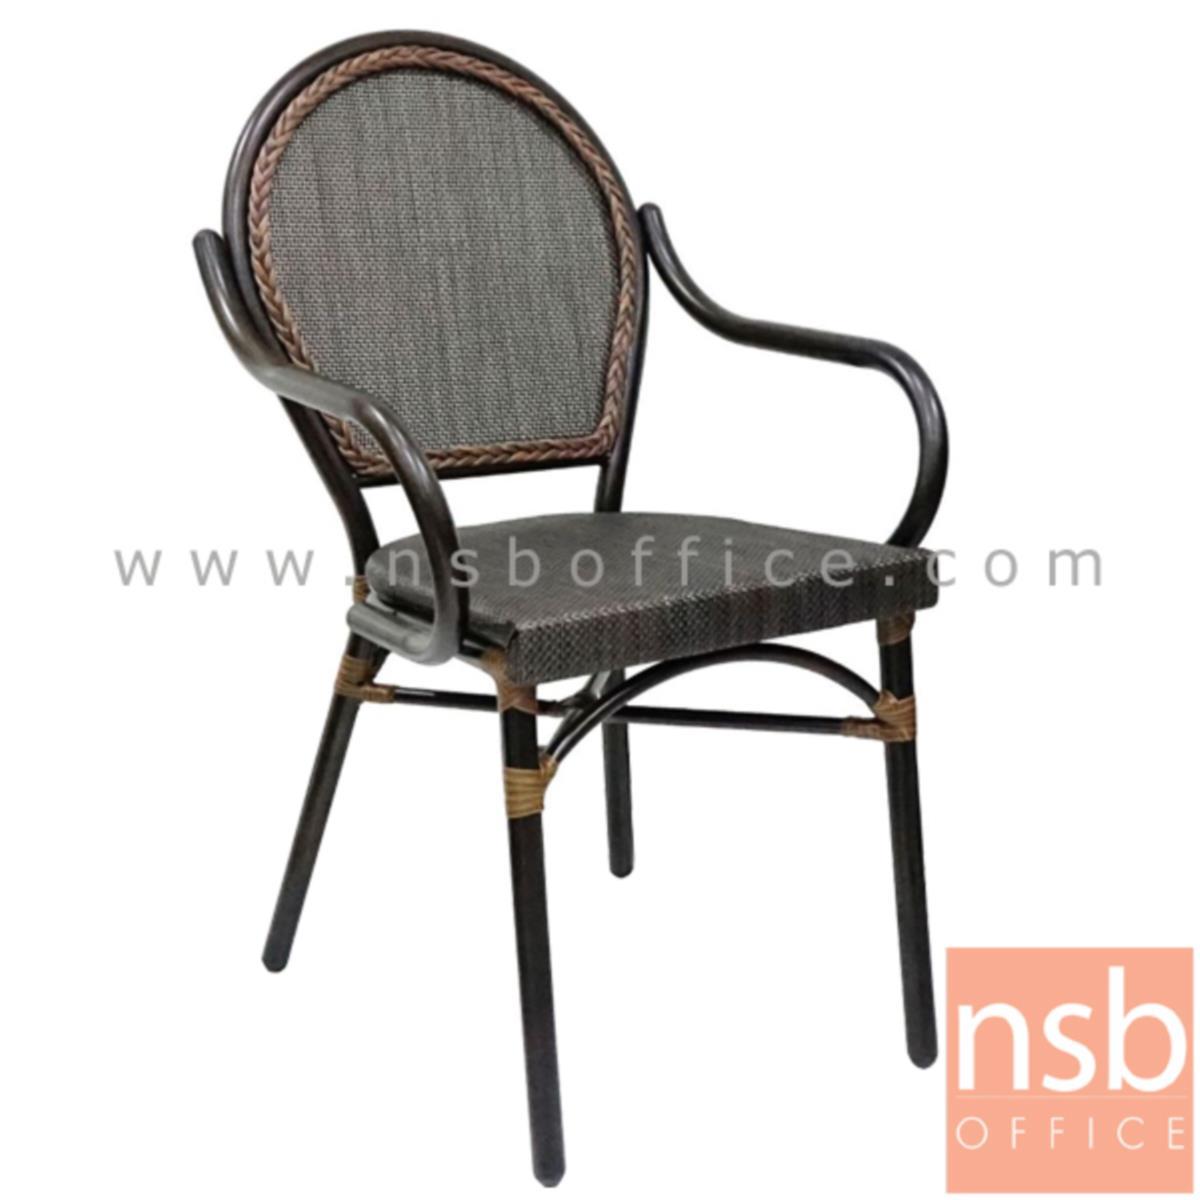 G08A226:เก้าอี้สนามหวายเทียมสาน โครงเหล็ก รุ่น Basic 1 มีท้าวแขน